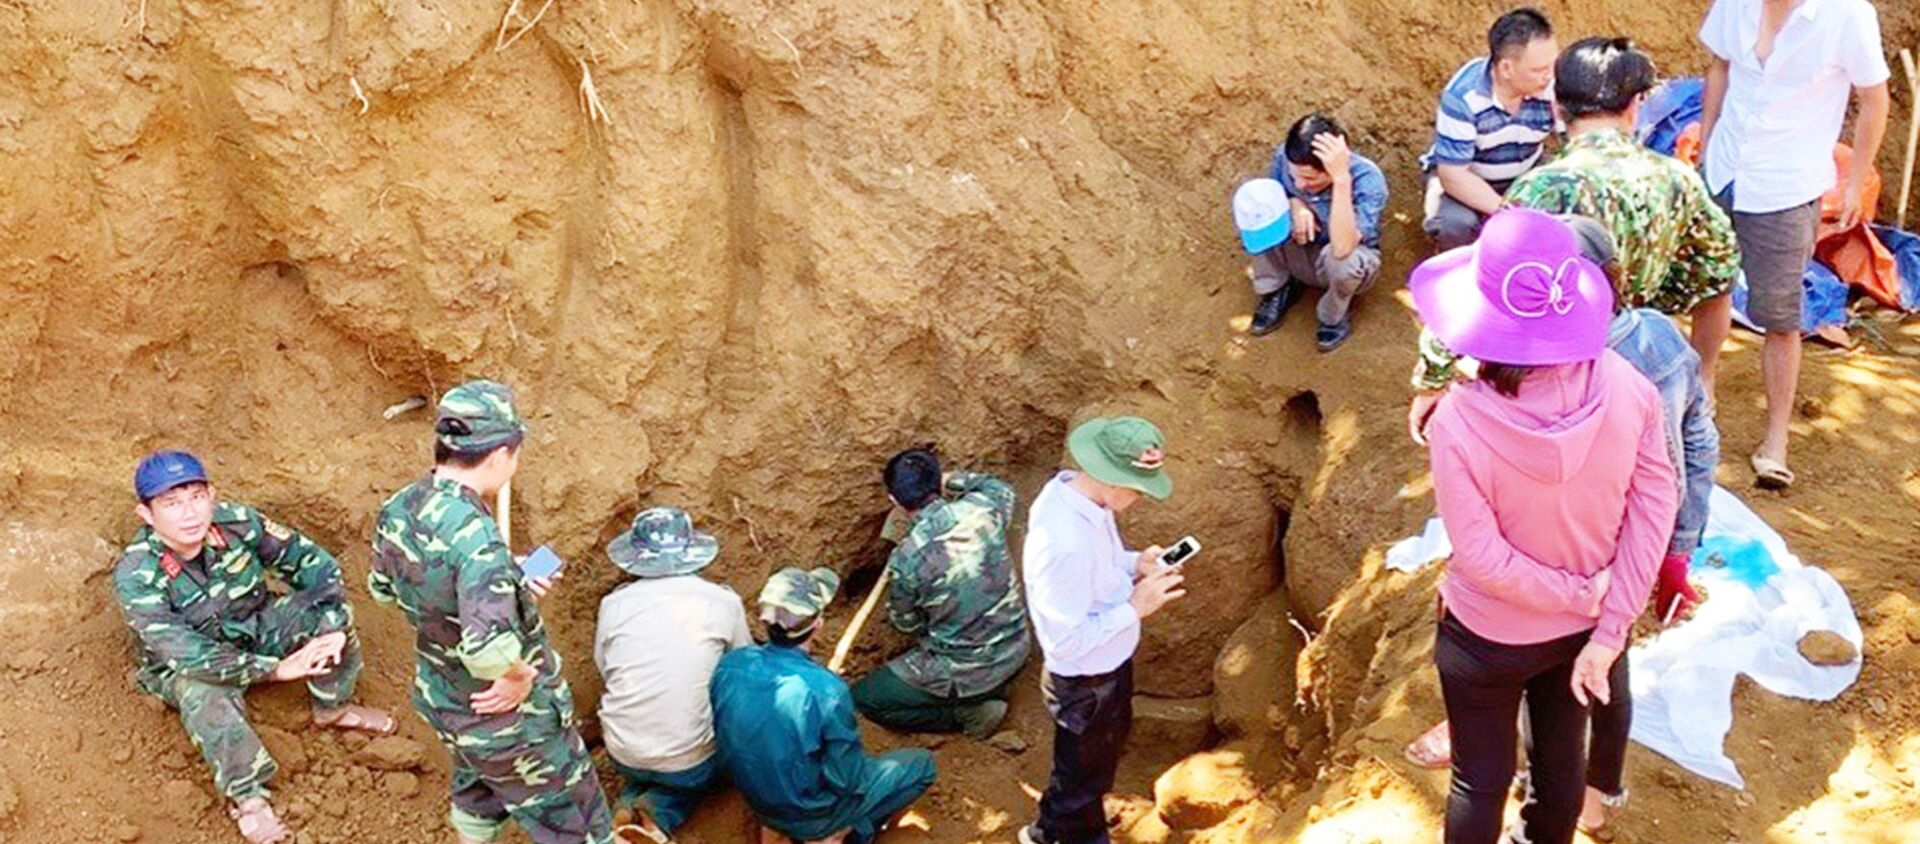 Khai quật hố chôn tập thể 17 chiến sĩ đặc công trong kháng chiến chống Mỹ - Sputnik Việt Nam, 1920, 04.06.2020